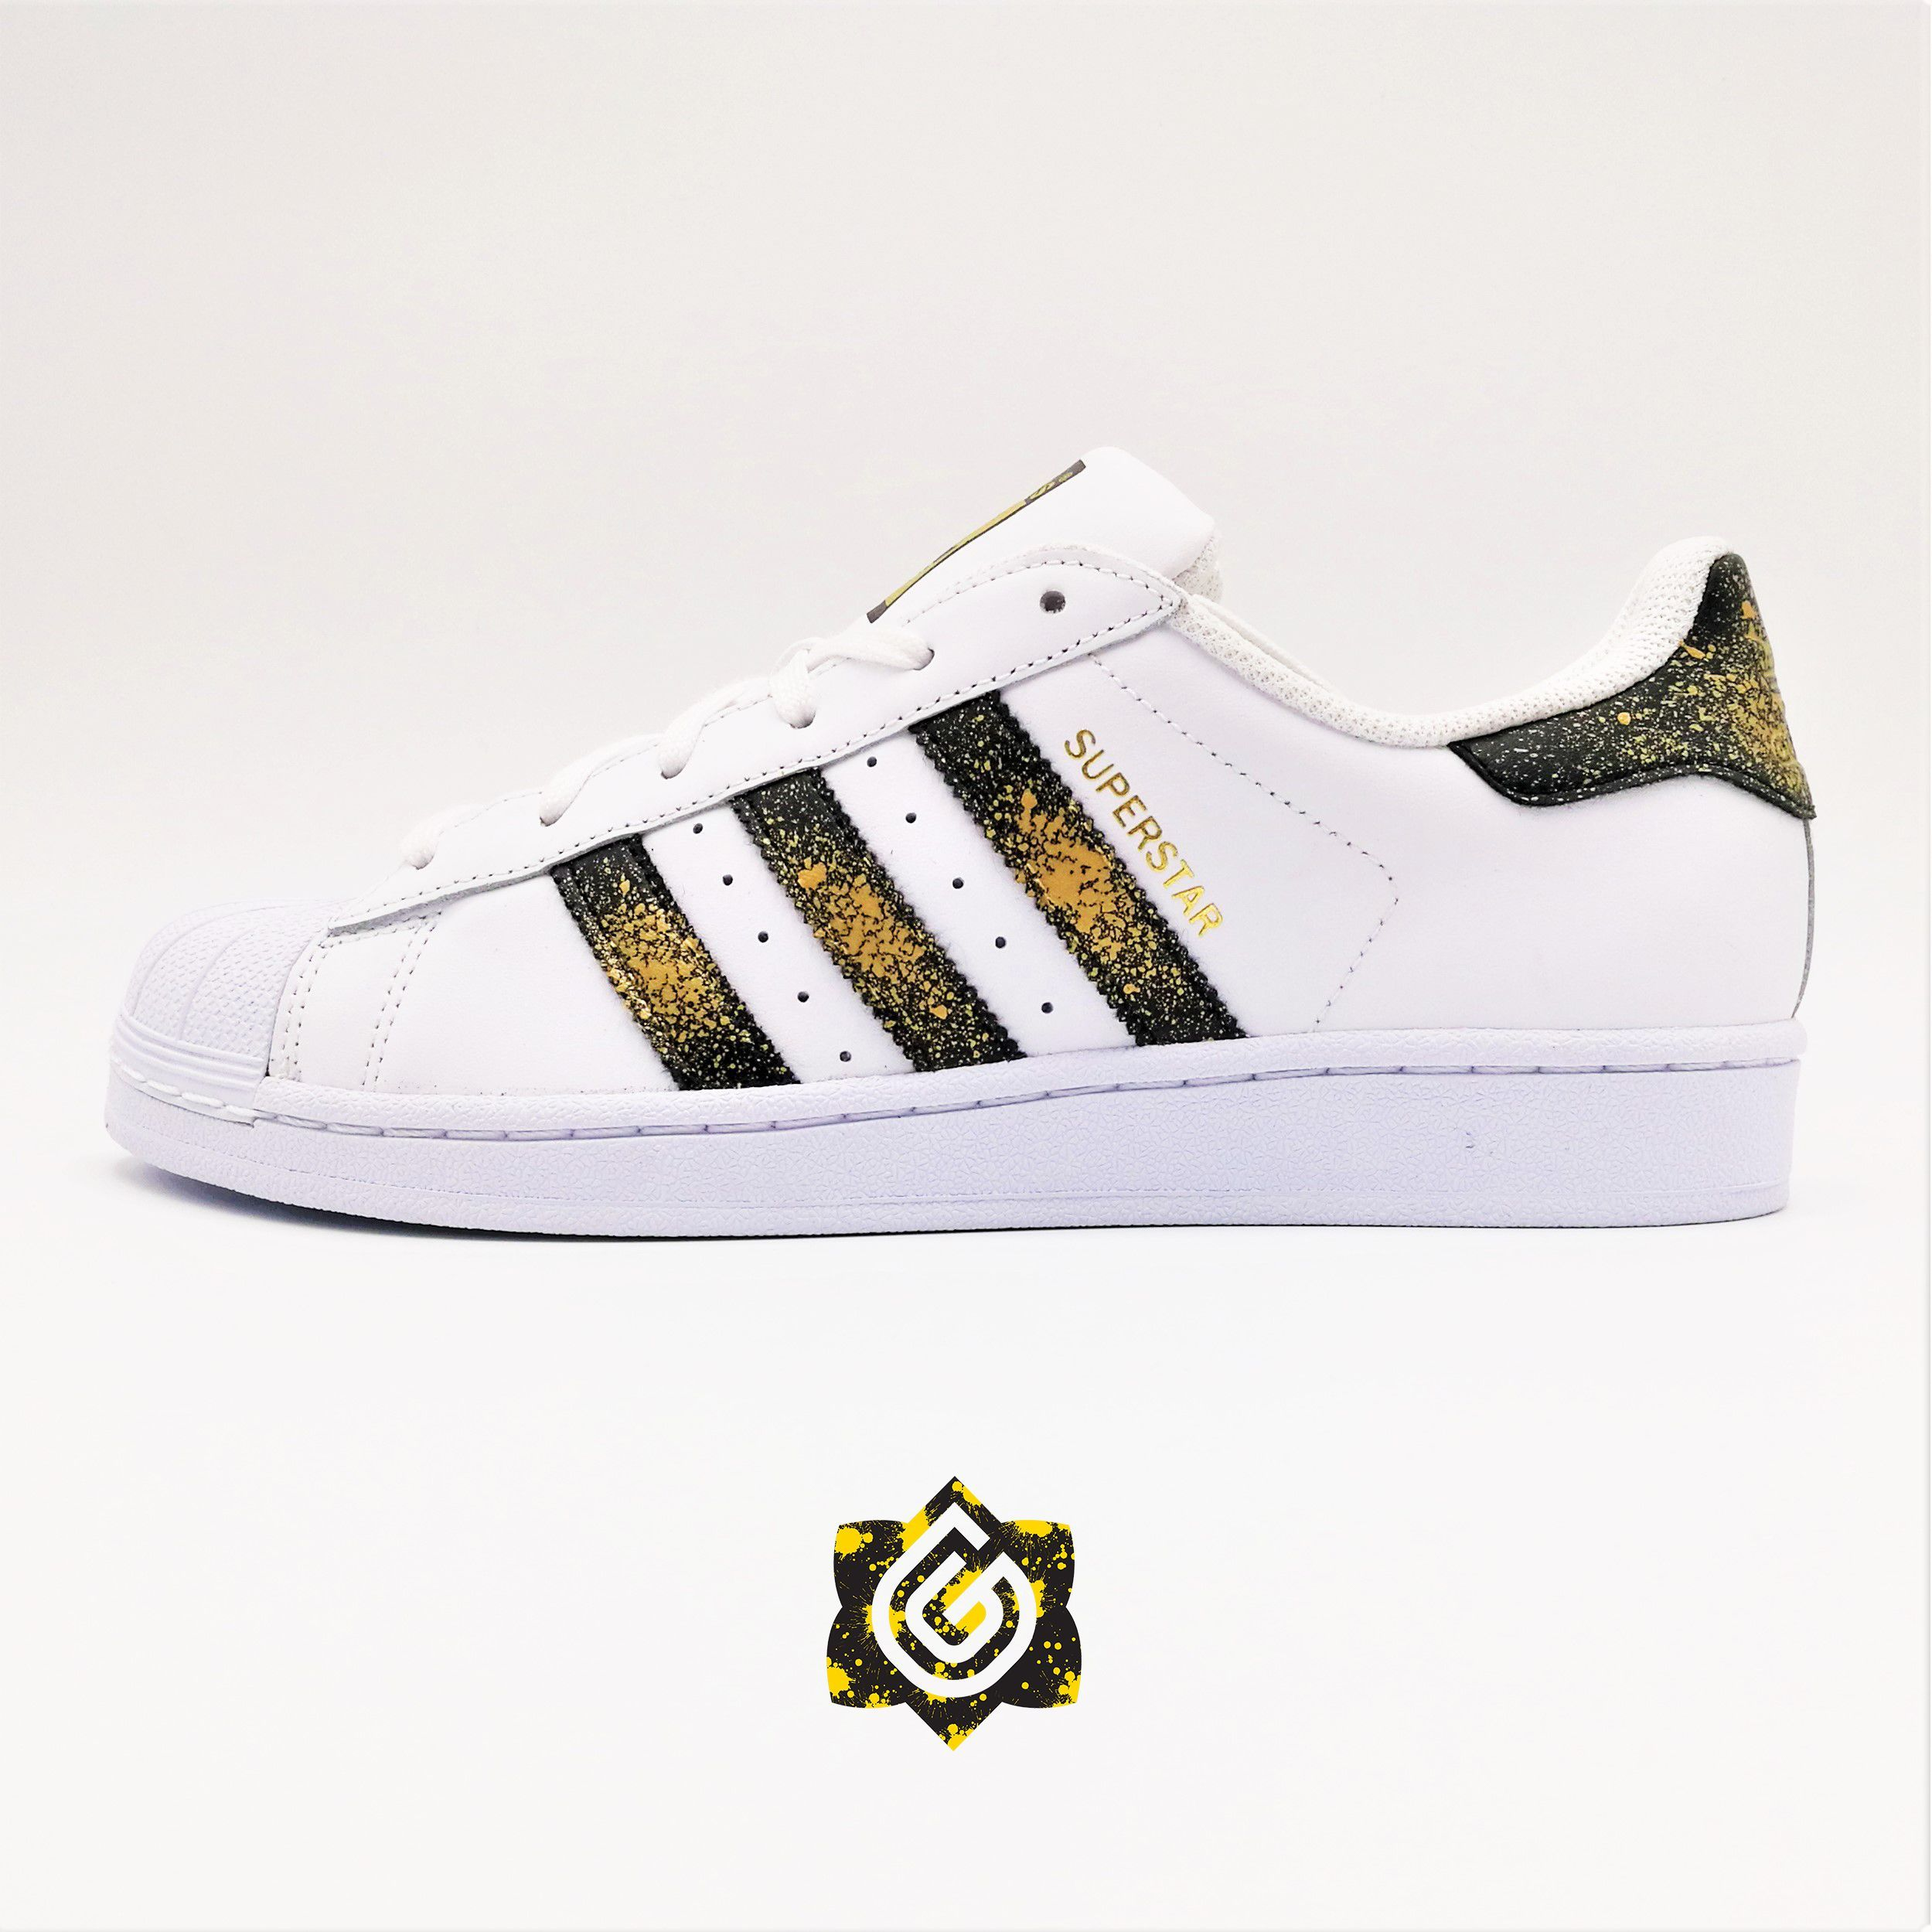 Les Adidas Superstar 24K, retour sur la paire qui a lancé